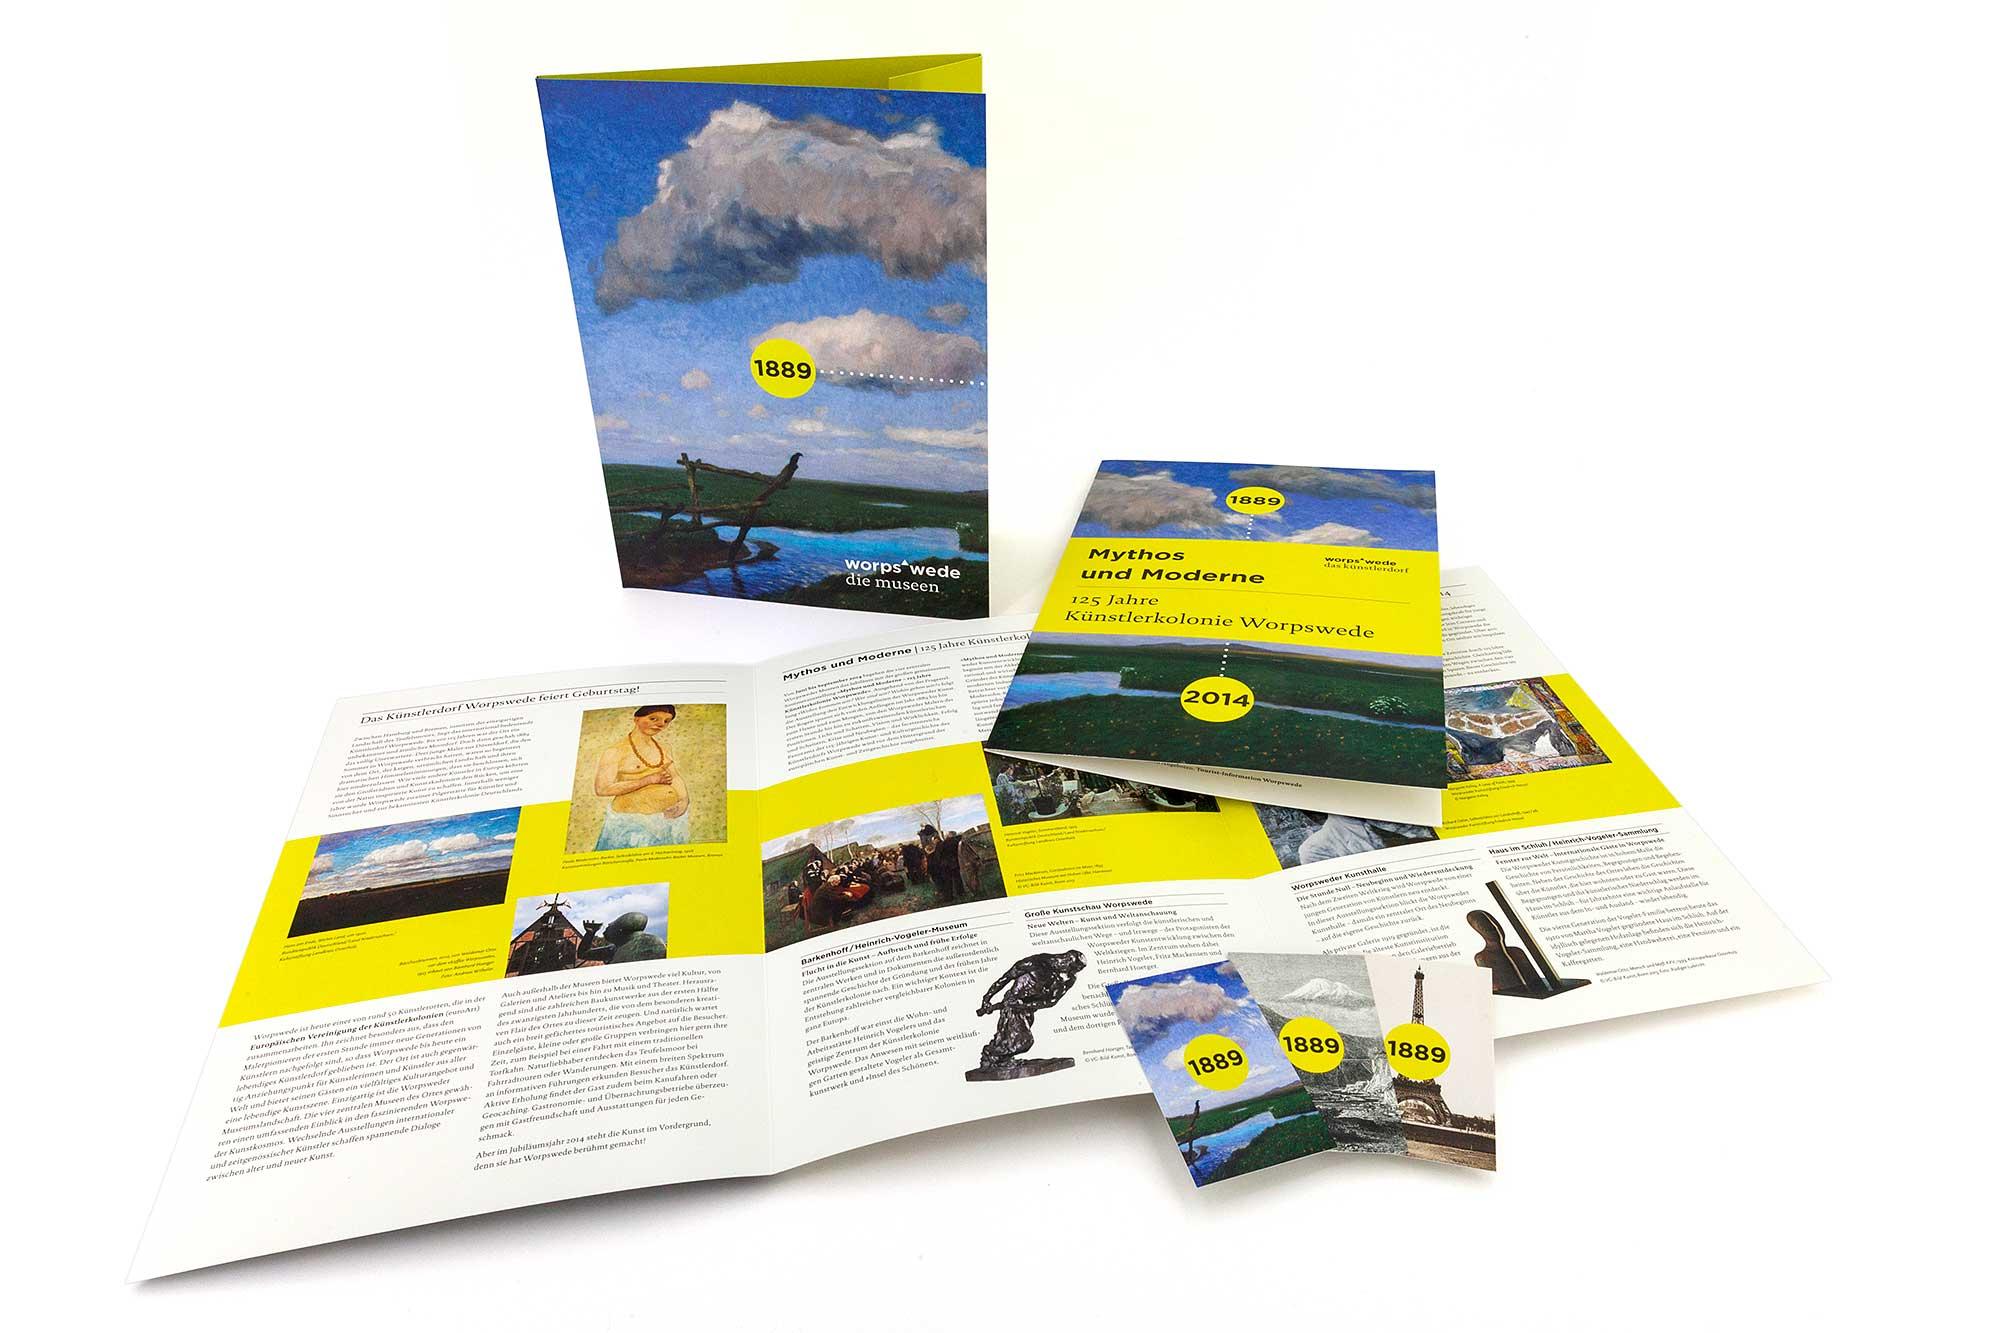 Pressemappe, Prospekt und Visitenkarten für die Jubiläumsausstellung